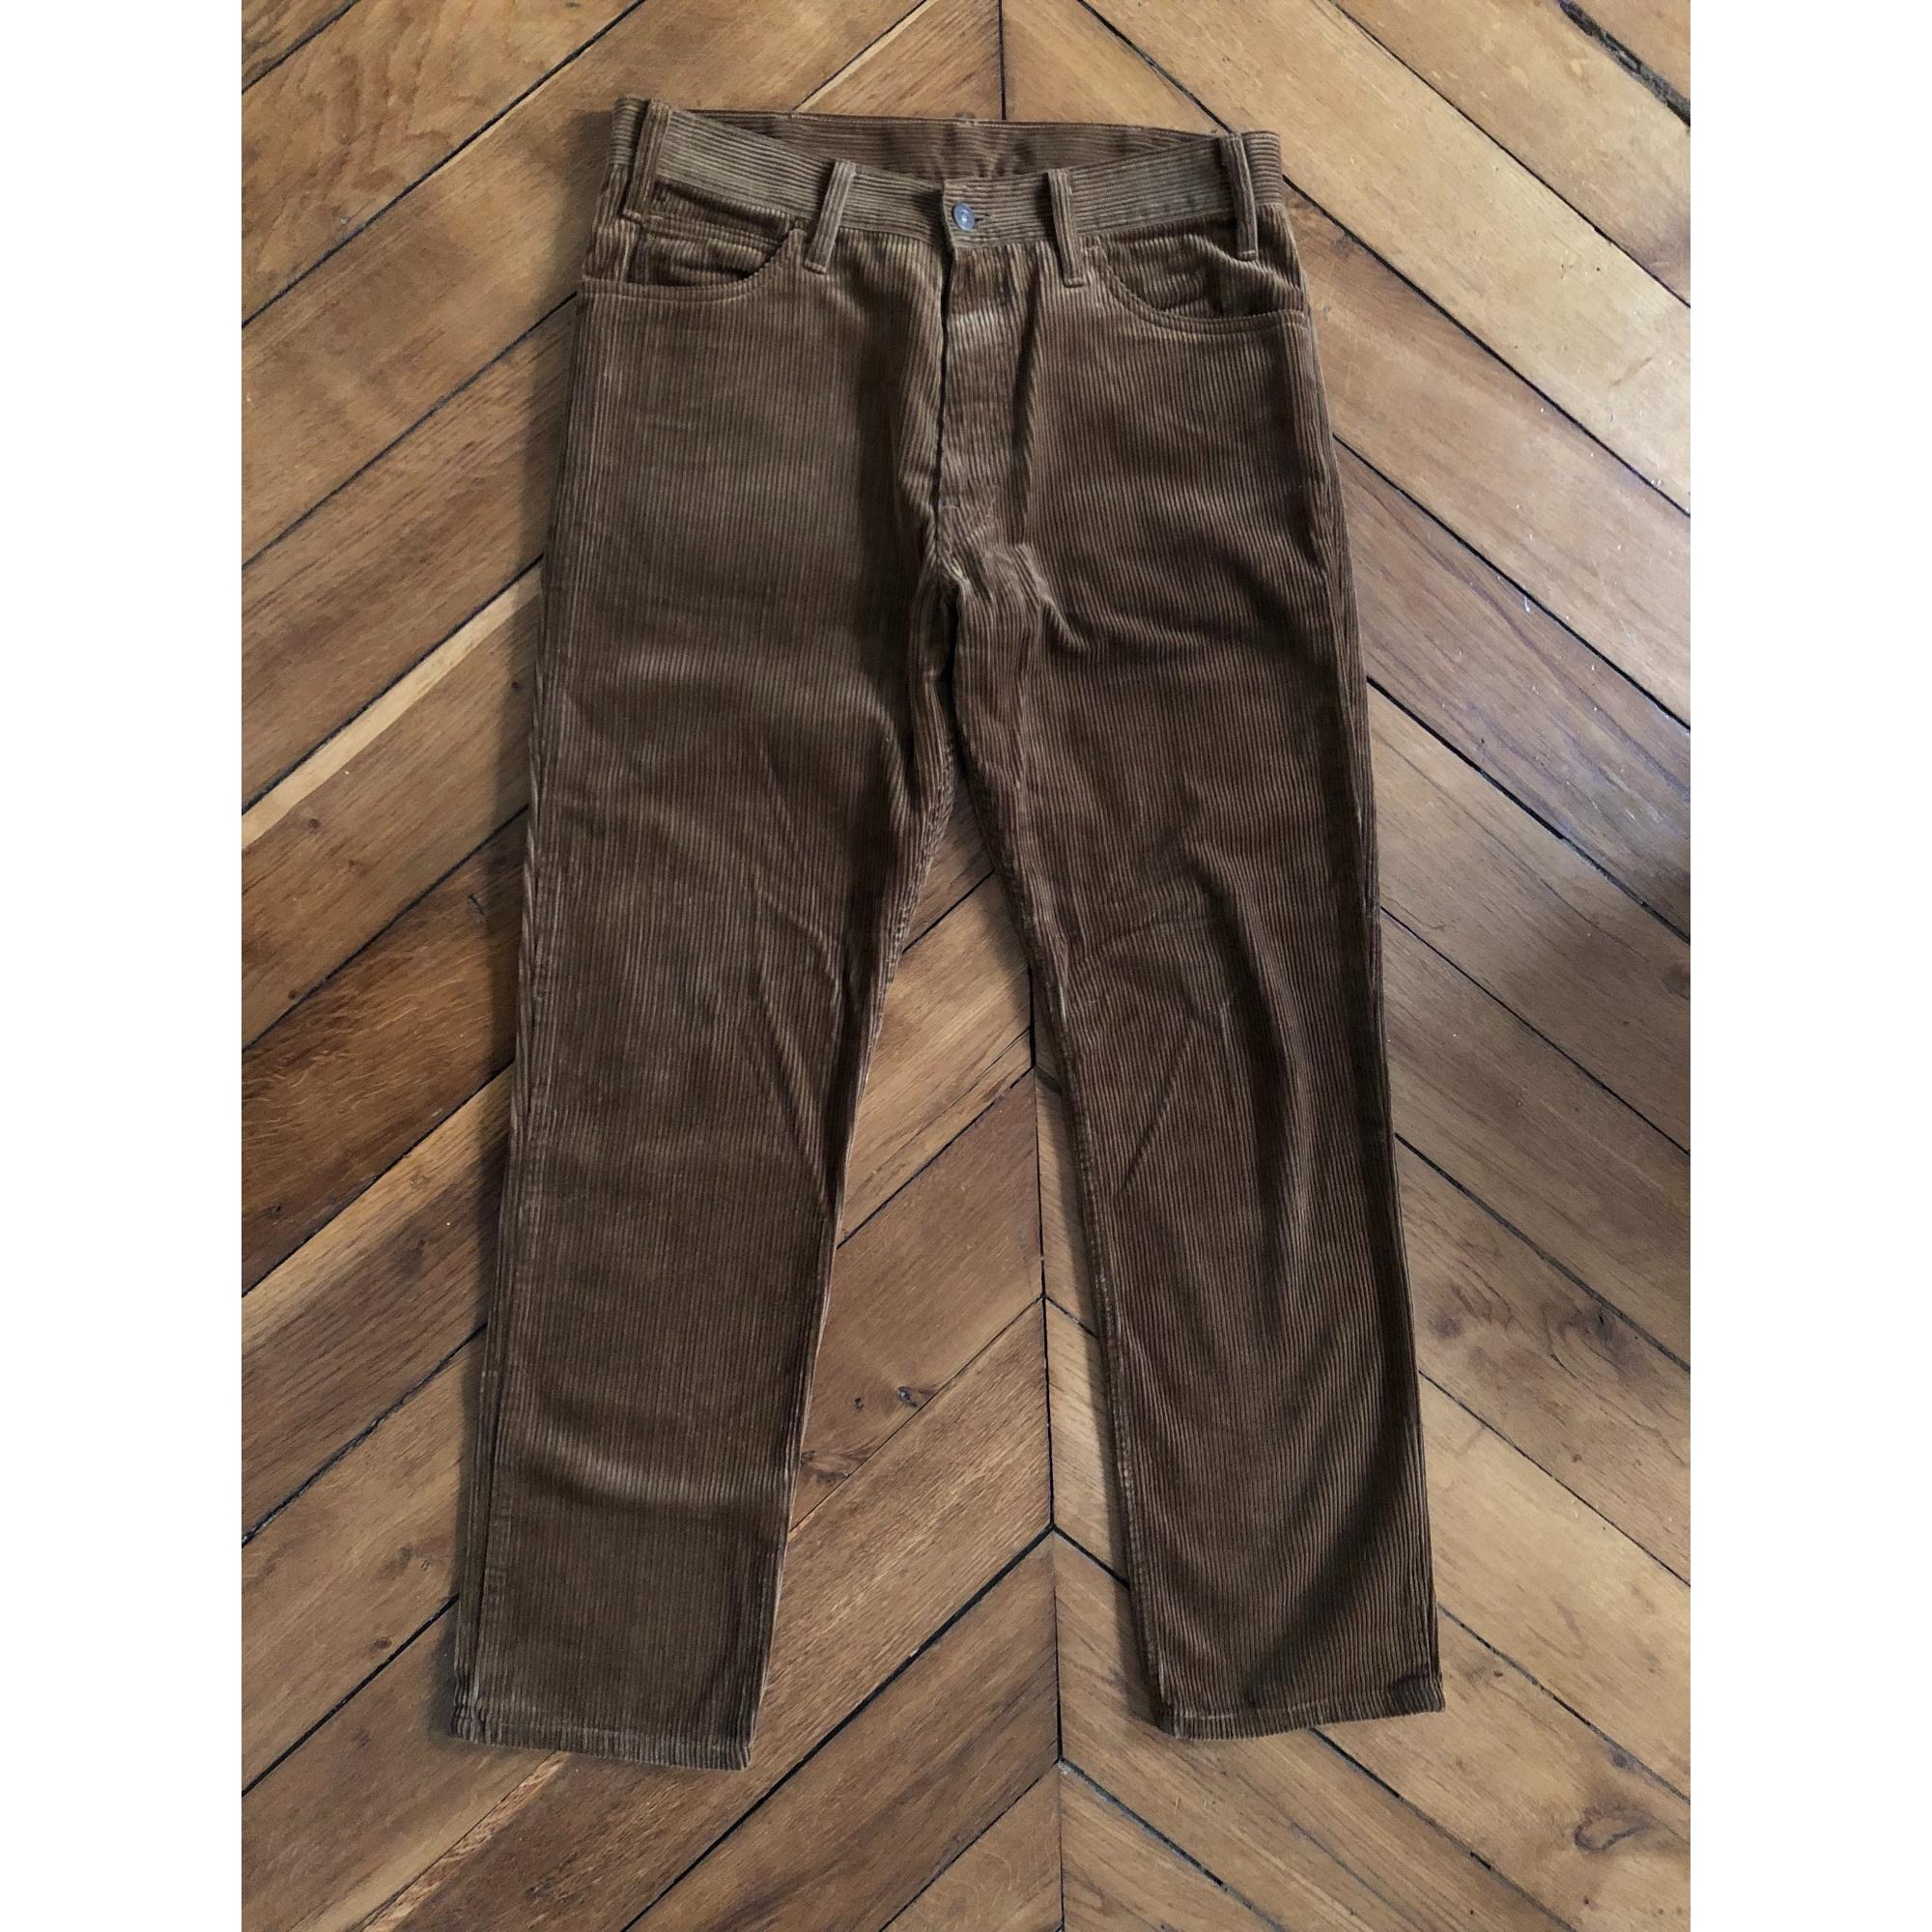 Pantalon droit LEVI'S Marron